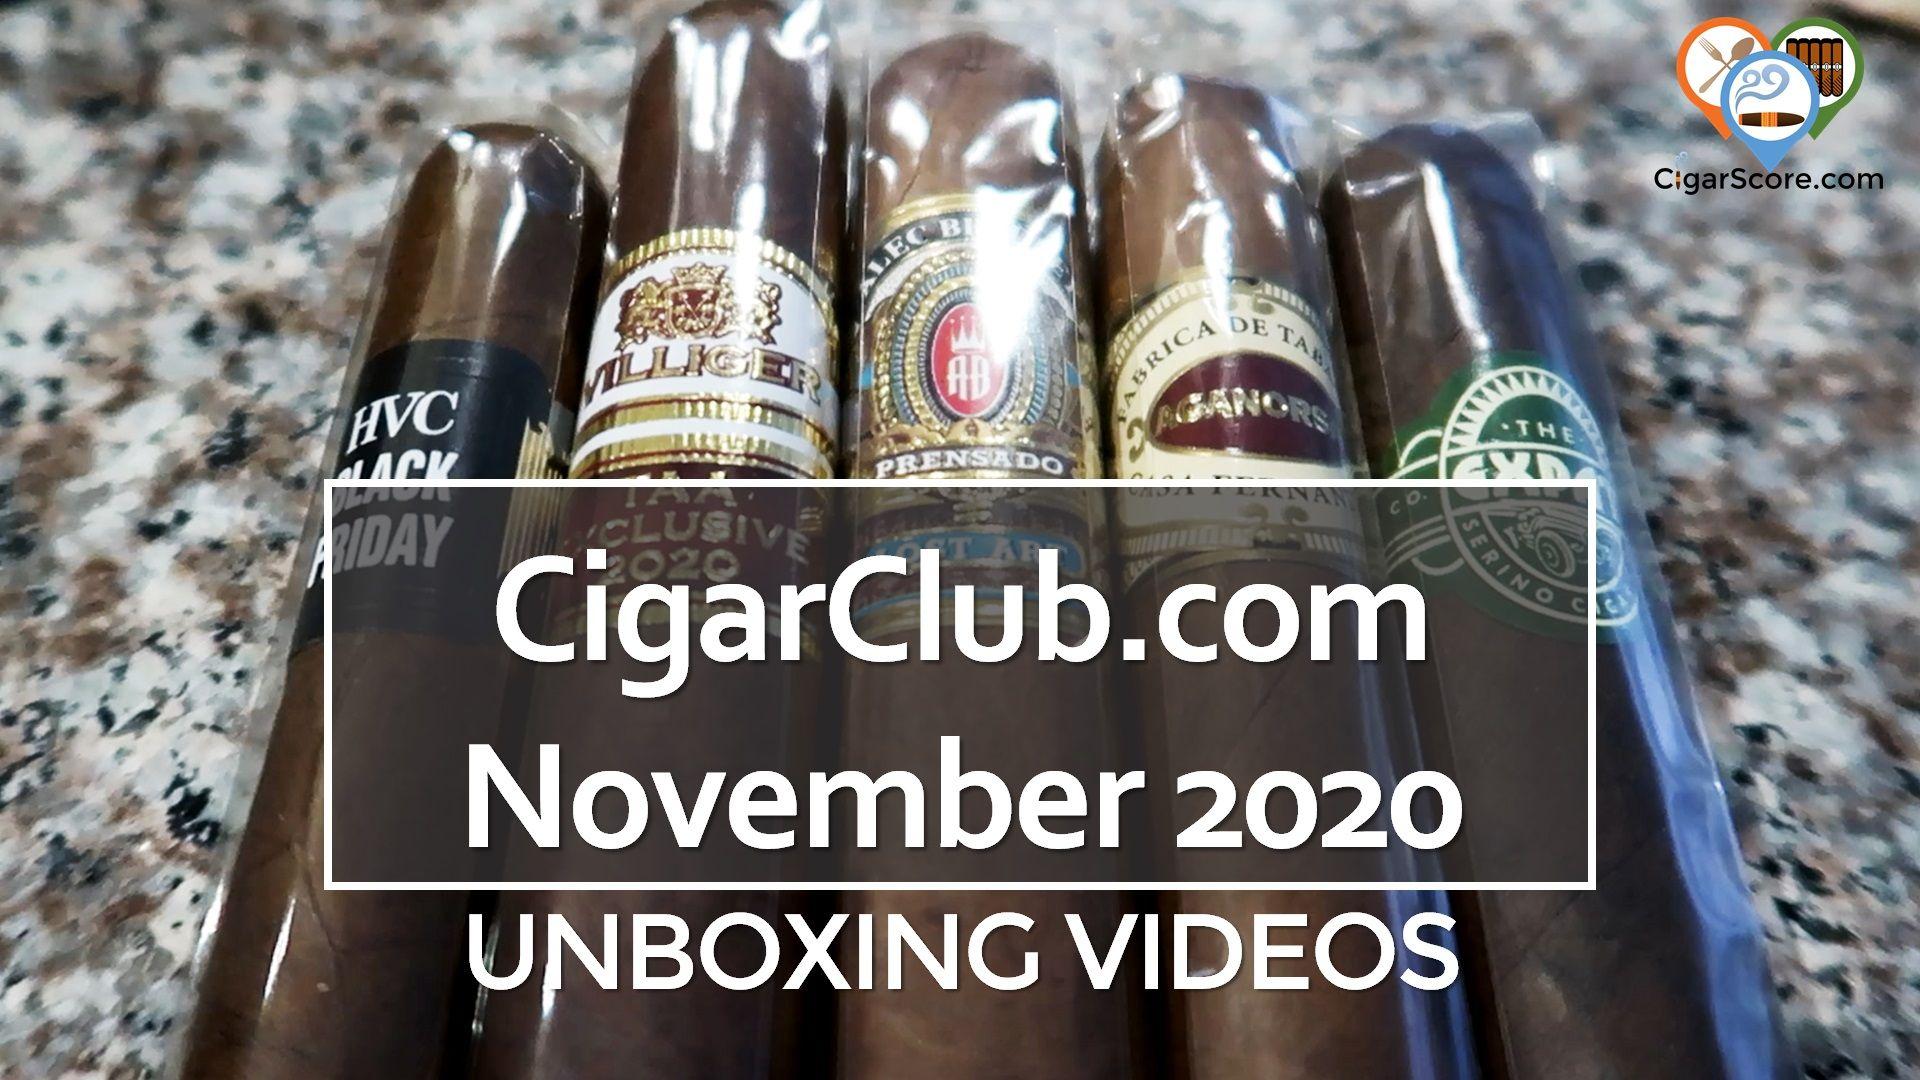 Unboxing - CigarClub.com 2020 November